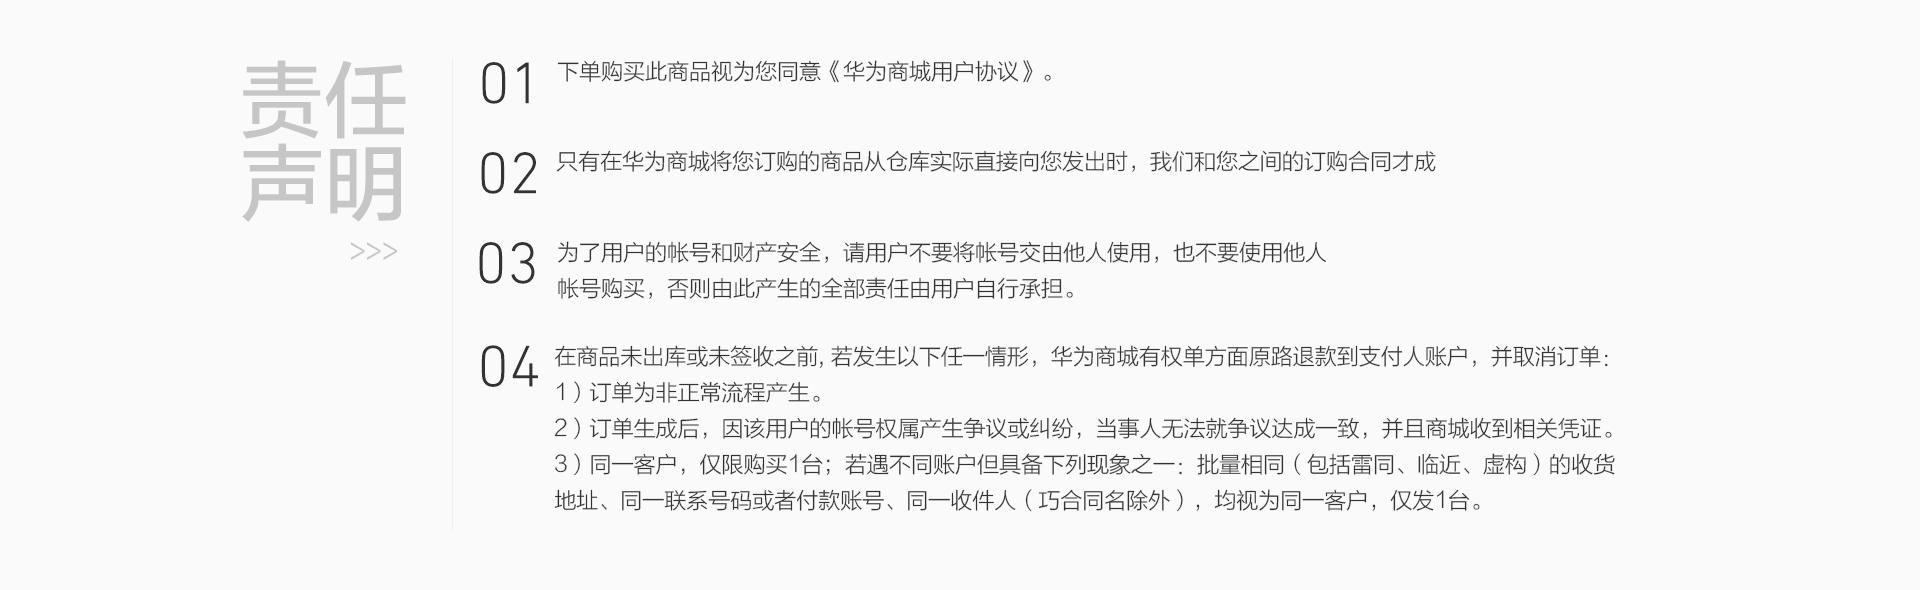 免责申明1920 (1).jpg